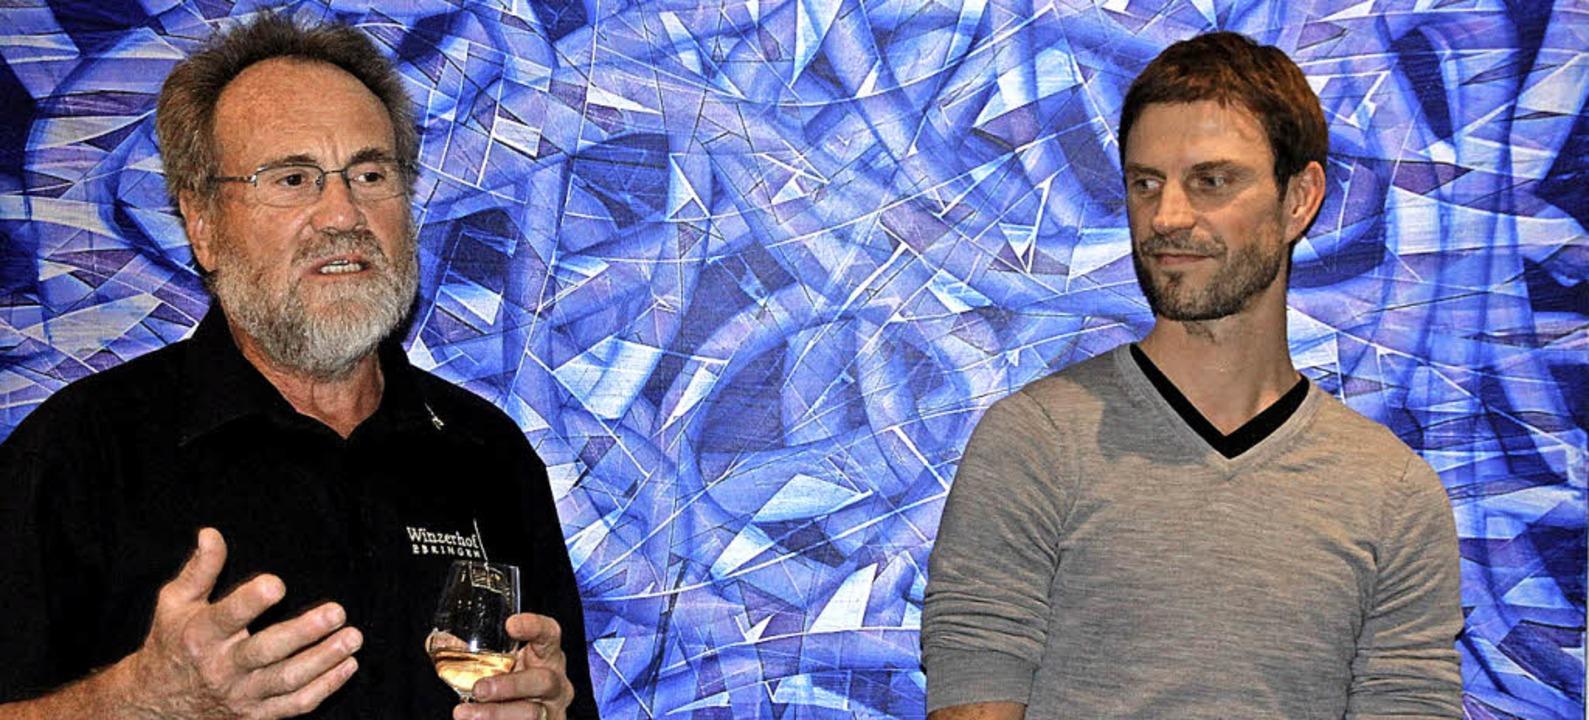 Bernhard Goldschmidt und Rocco Schelle...röffnung der Vernissage im Winzerhof.   | Foto: Frowalt Janzer